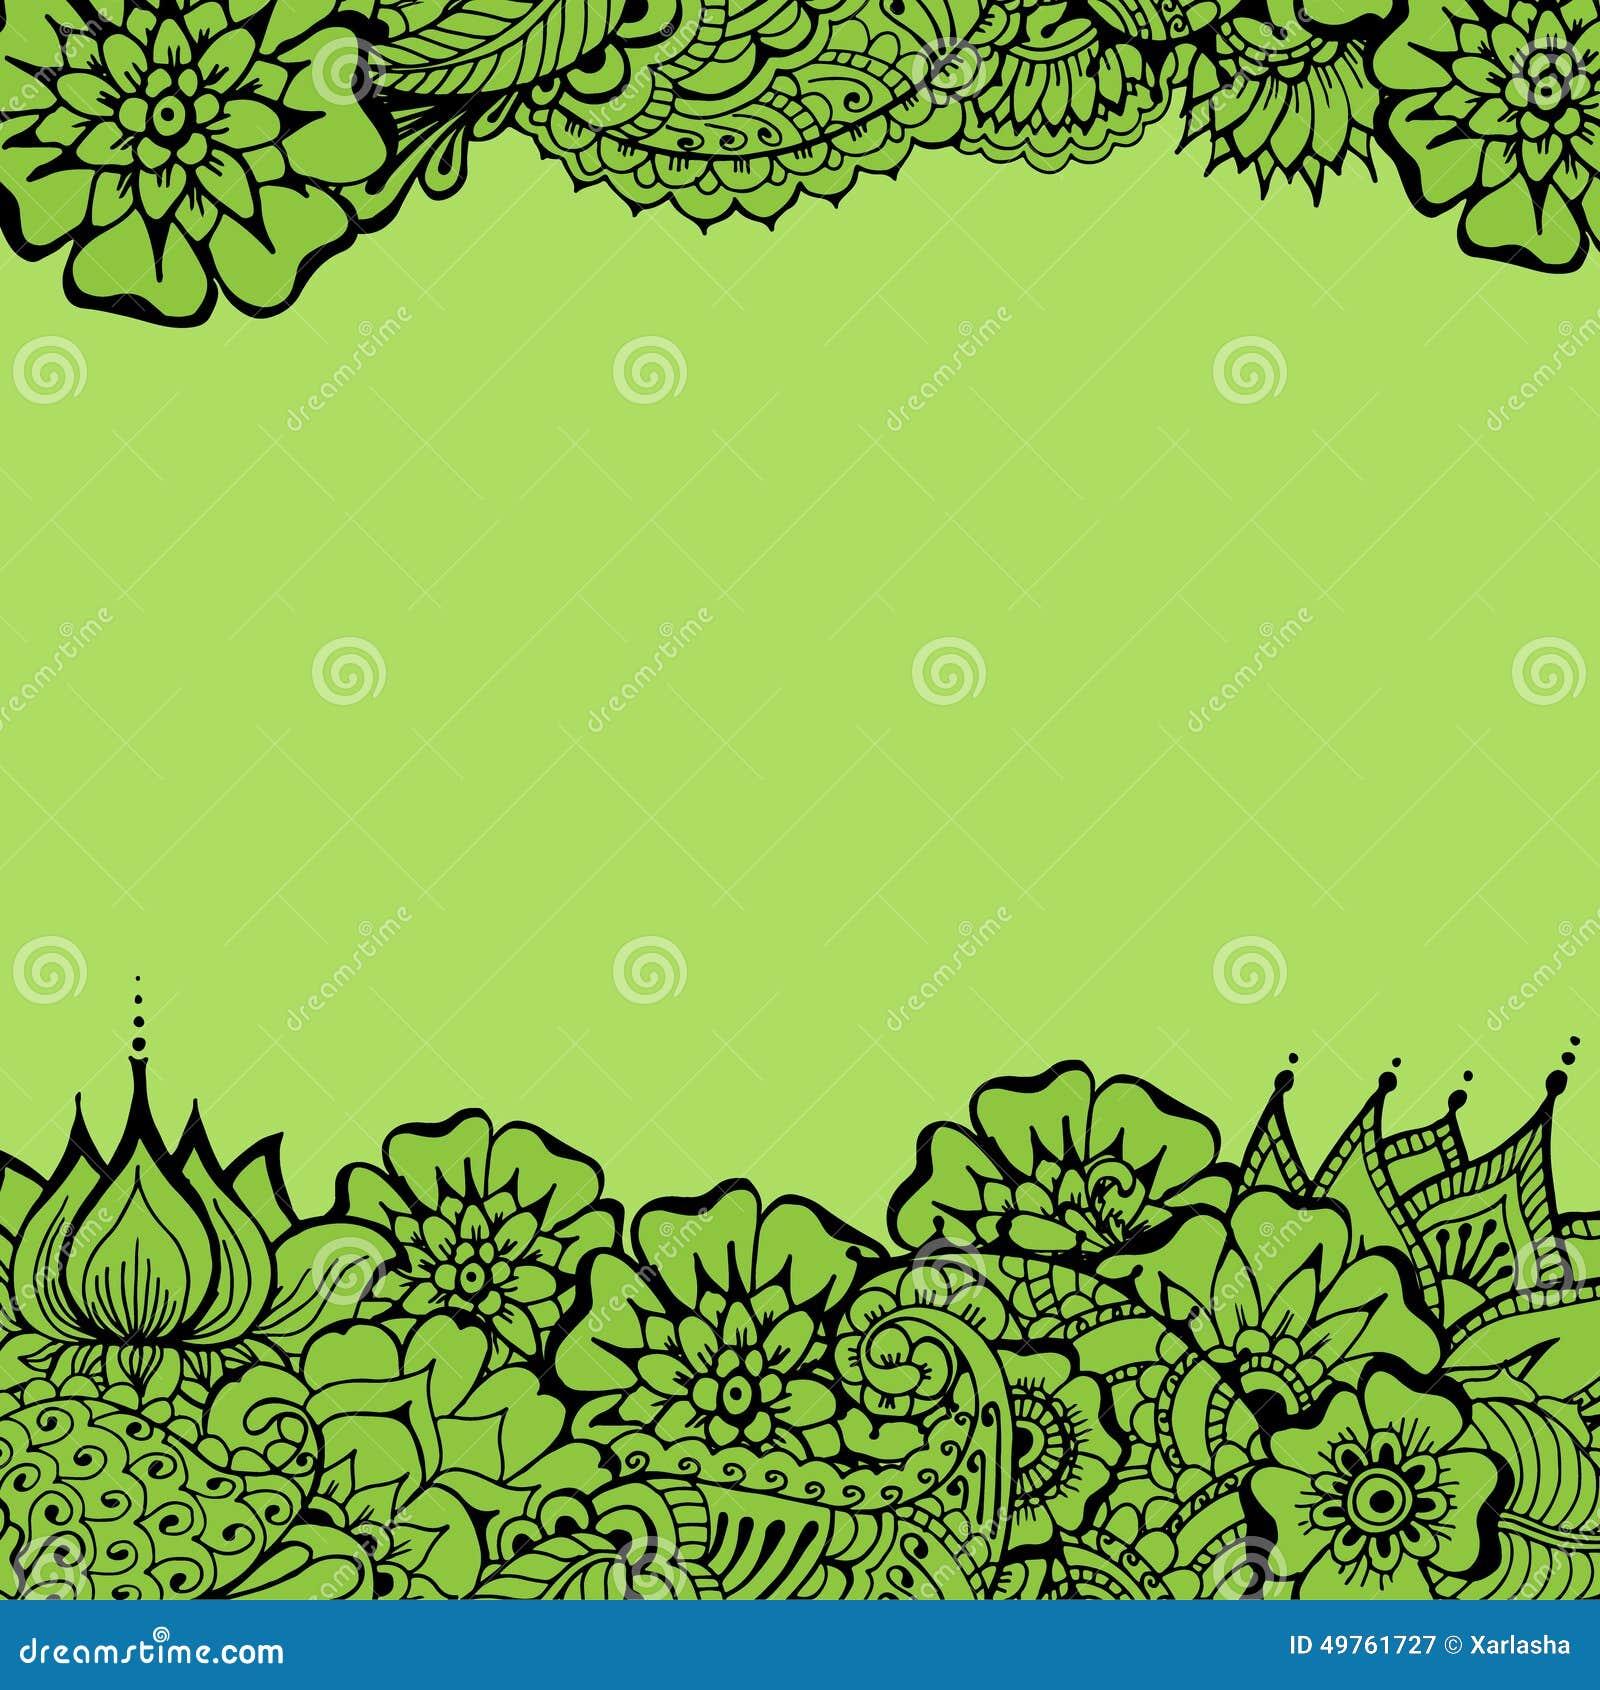 Mehndy Flowers Card Illustration 49761727 Megapixl